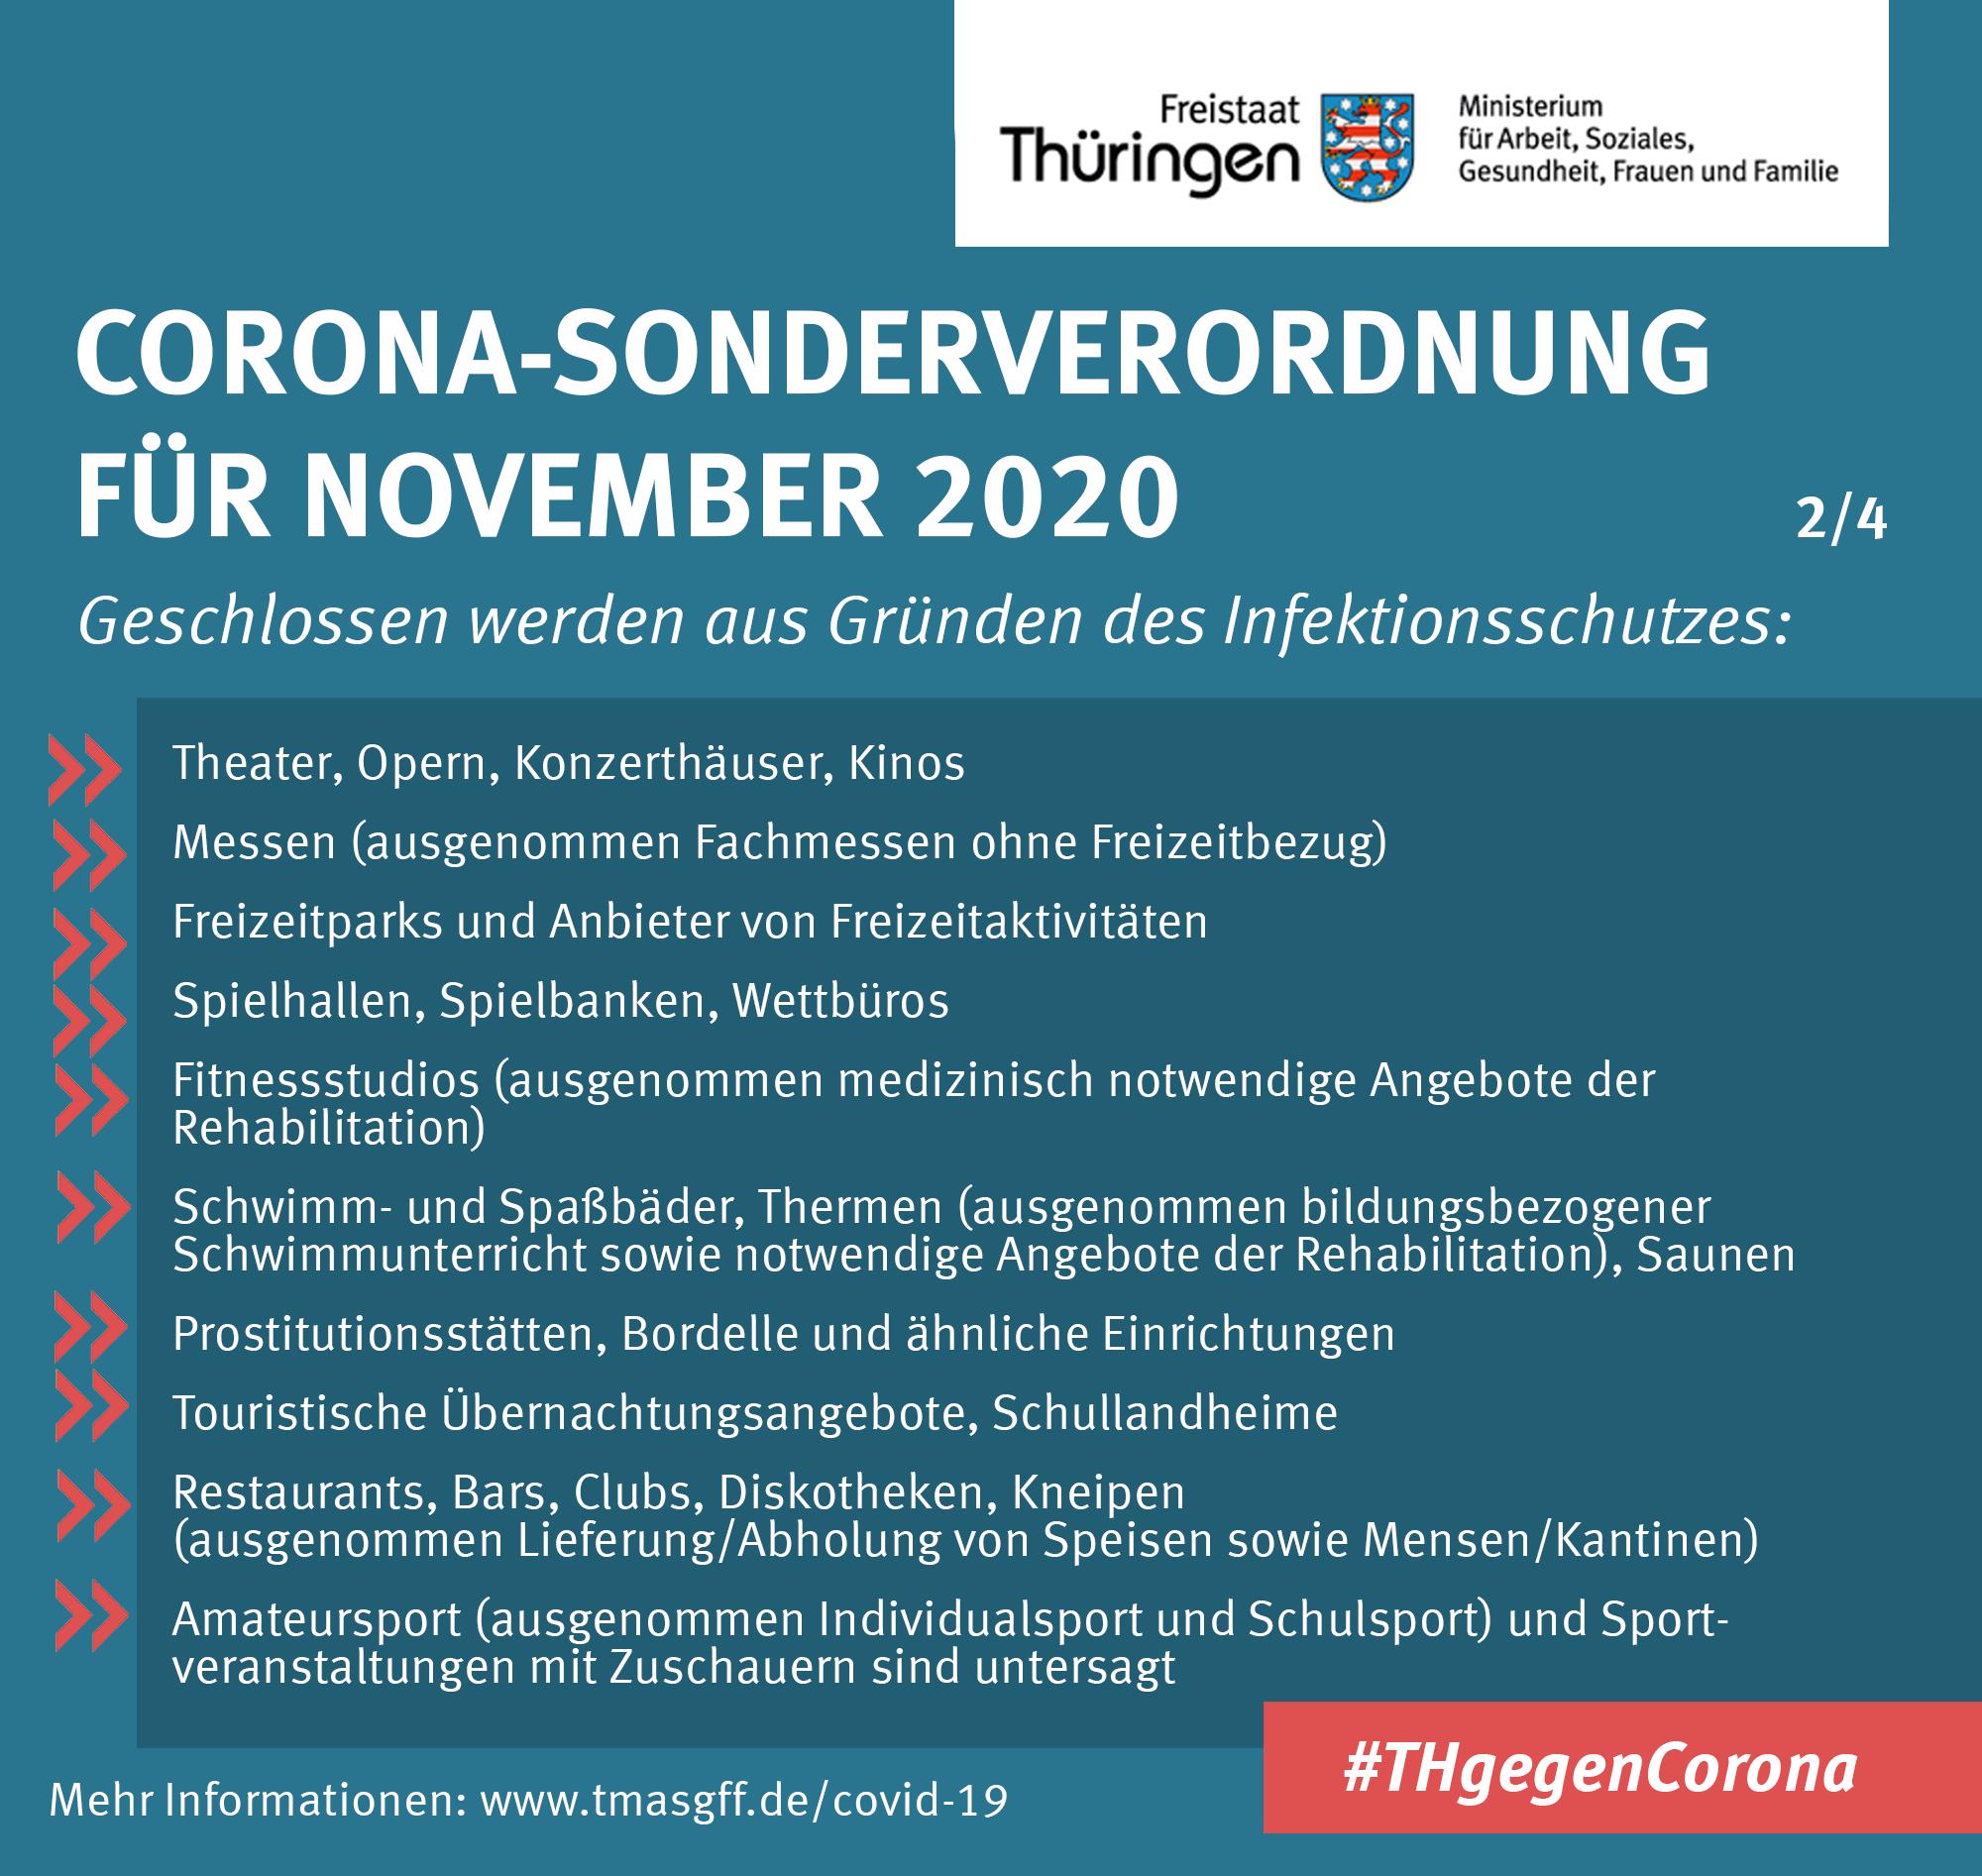 Zusammenfassung Corona-Sonderverordnung November 2020 2/4